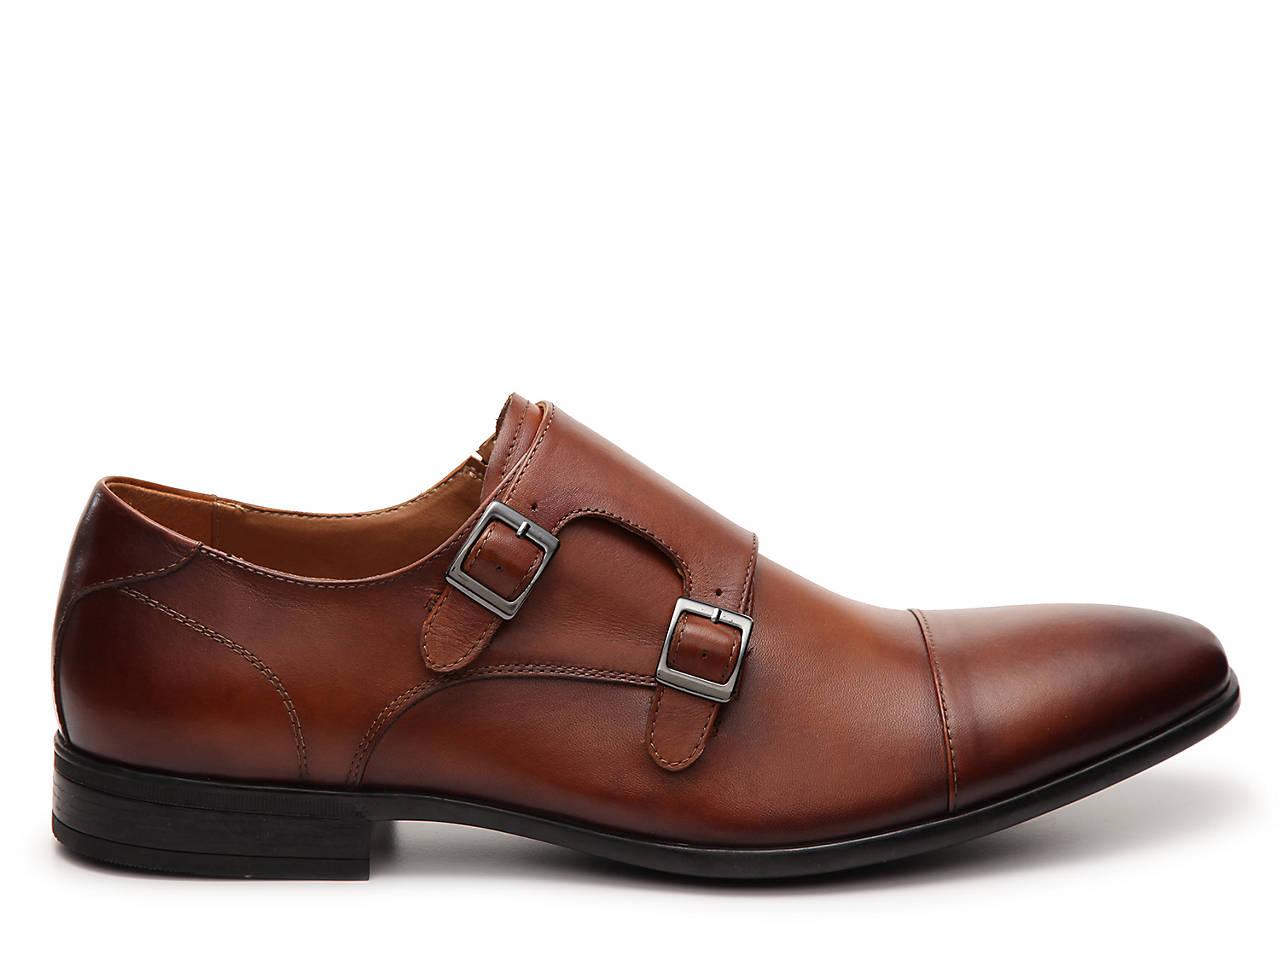 c123e6437c4087 Aldo Frecia Monk Strap Slip On Mens Shoes Dsw